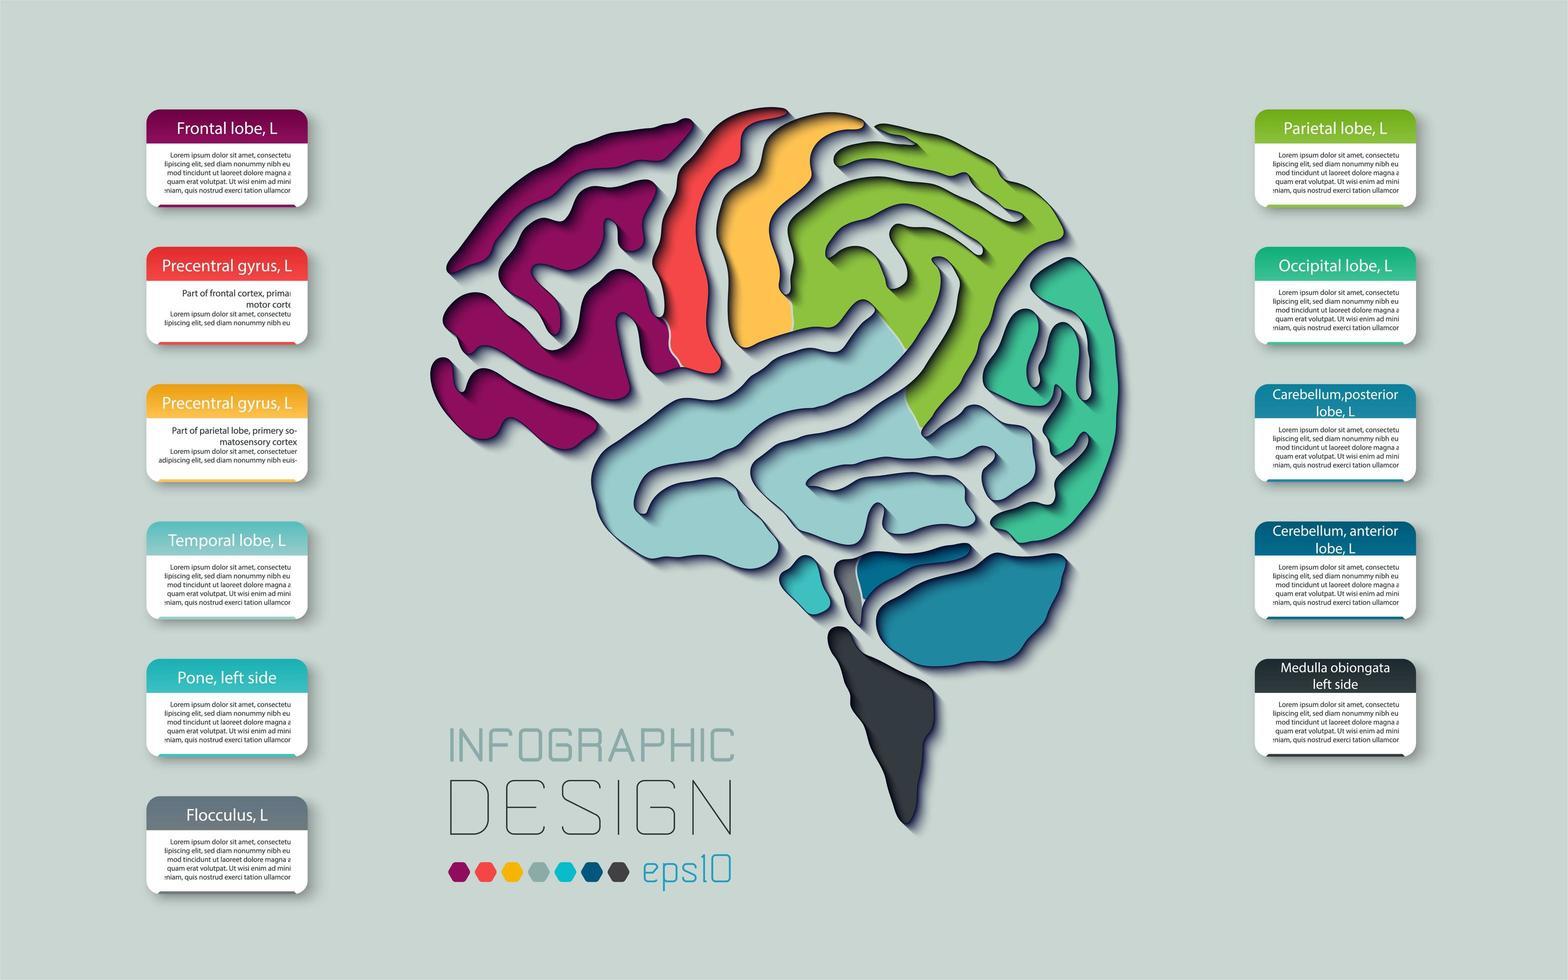 bunte Linie Infografik des Gehirndiagramms vektor